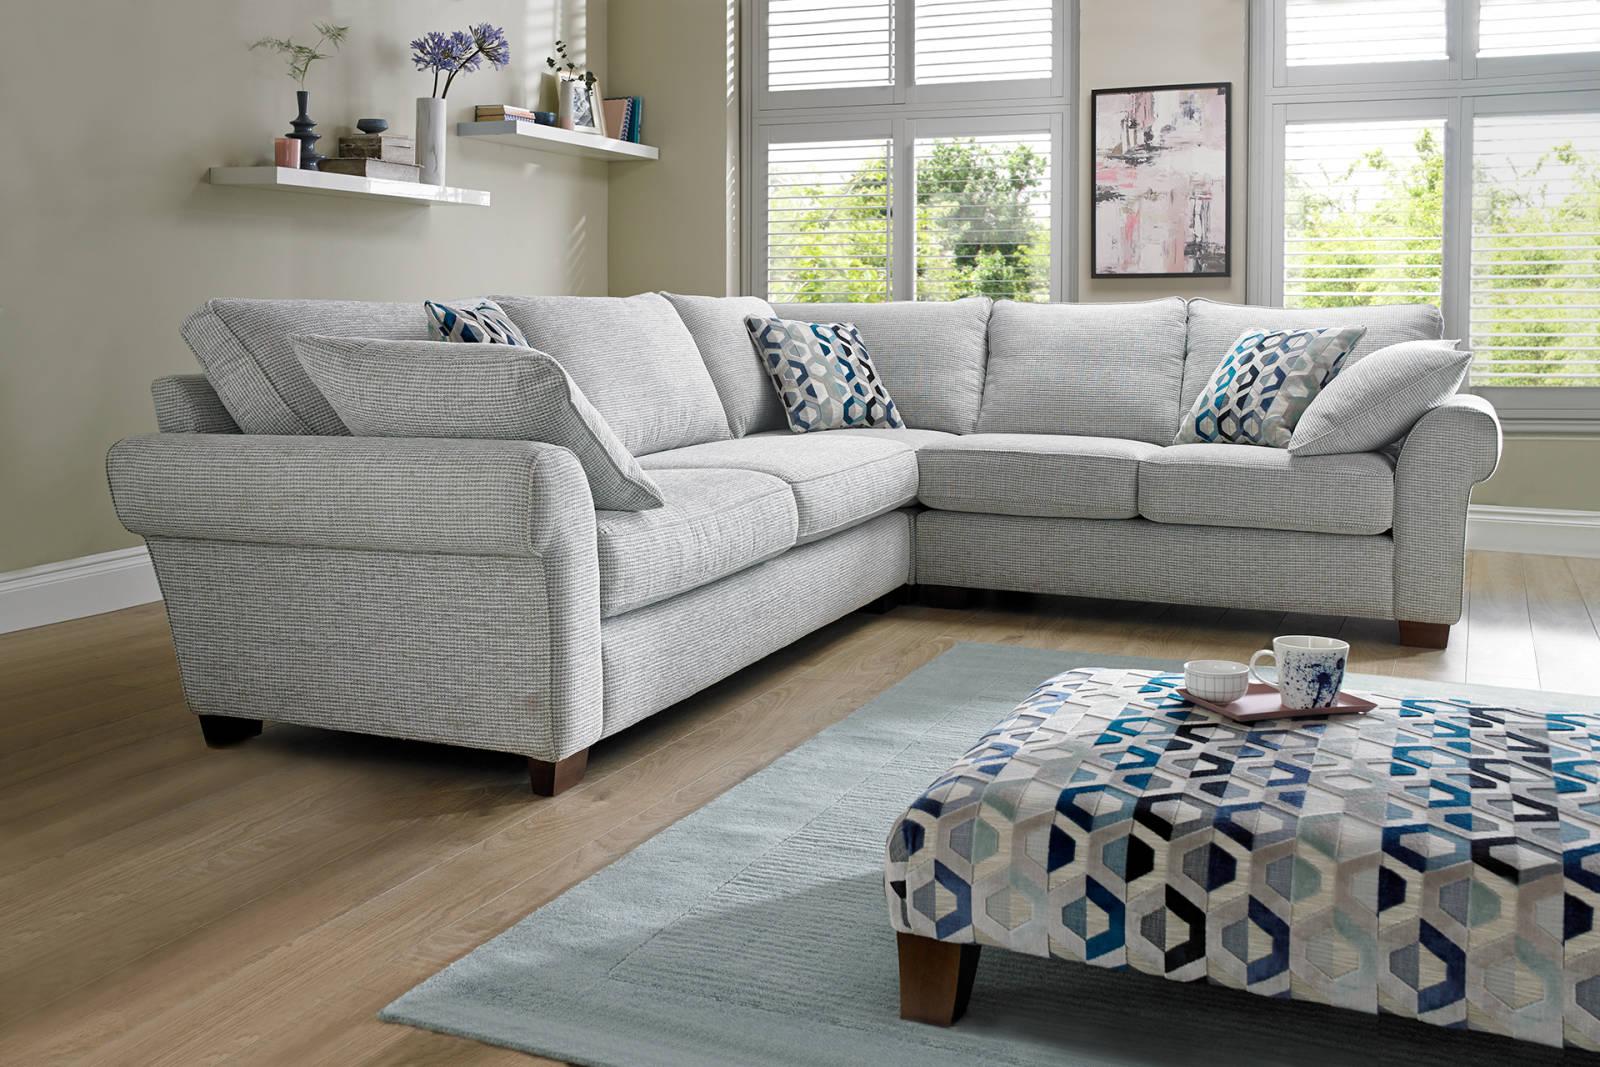 sofology corner sofa bed. Black Bedroom Furniture Sets. Home Design Ideas